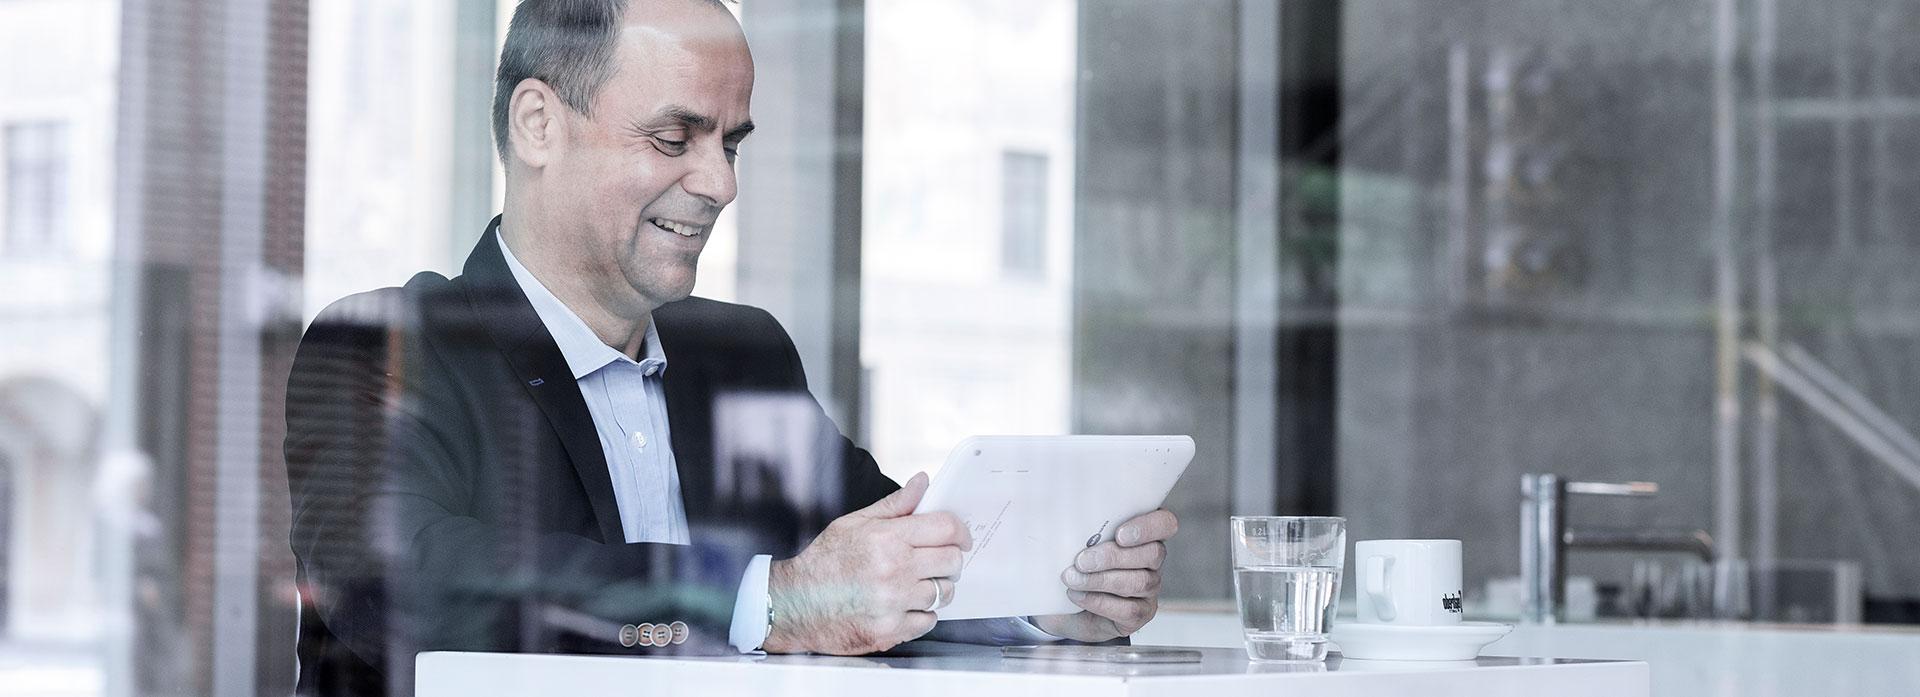 Heiko van Eckert - Top Deal Consulting - Startbild 2